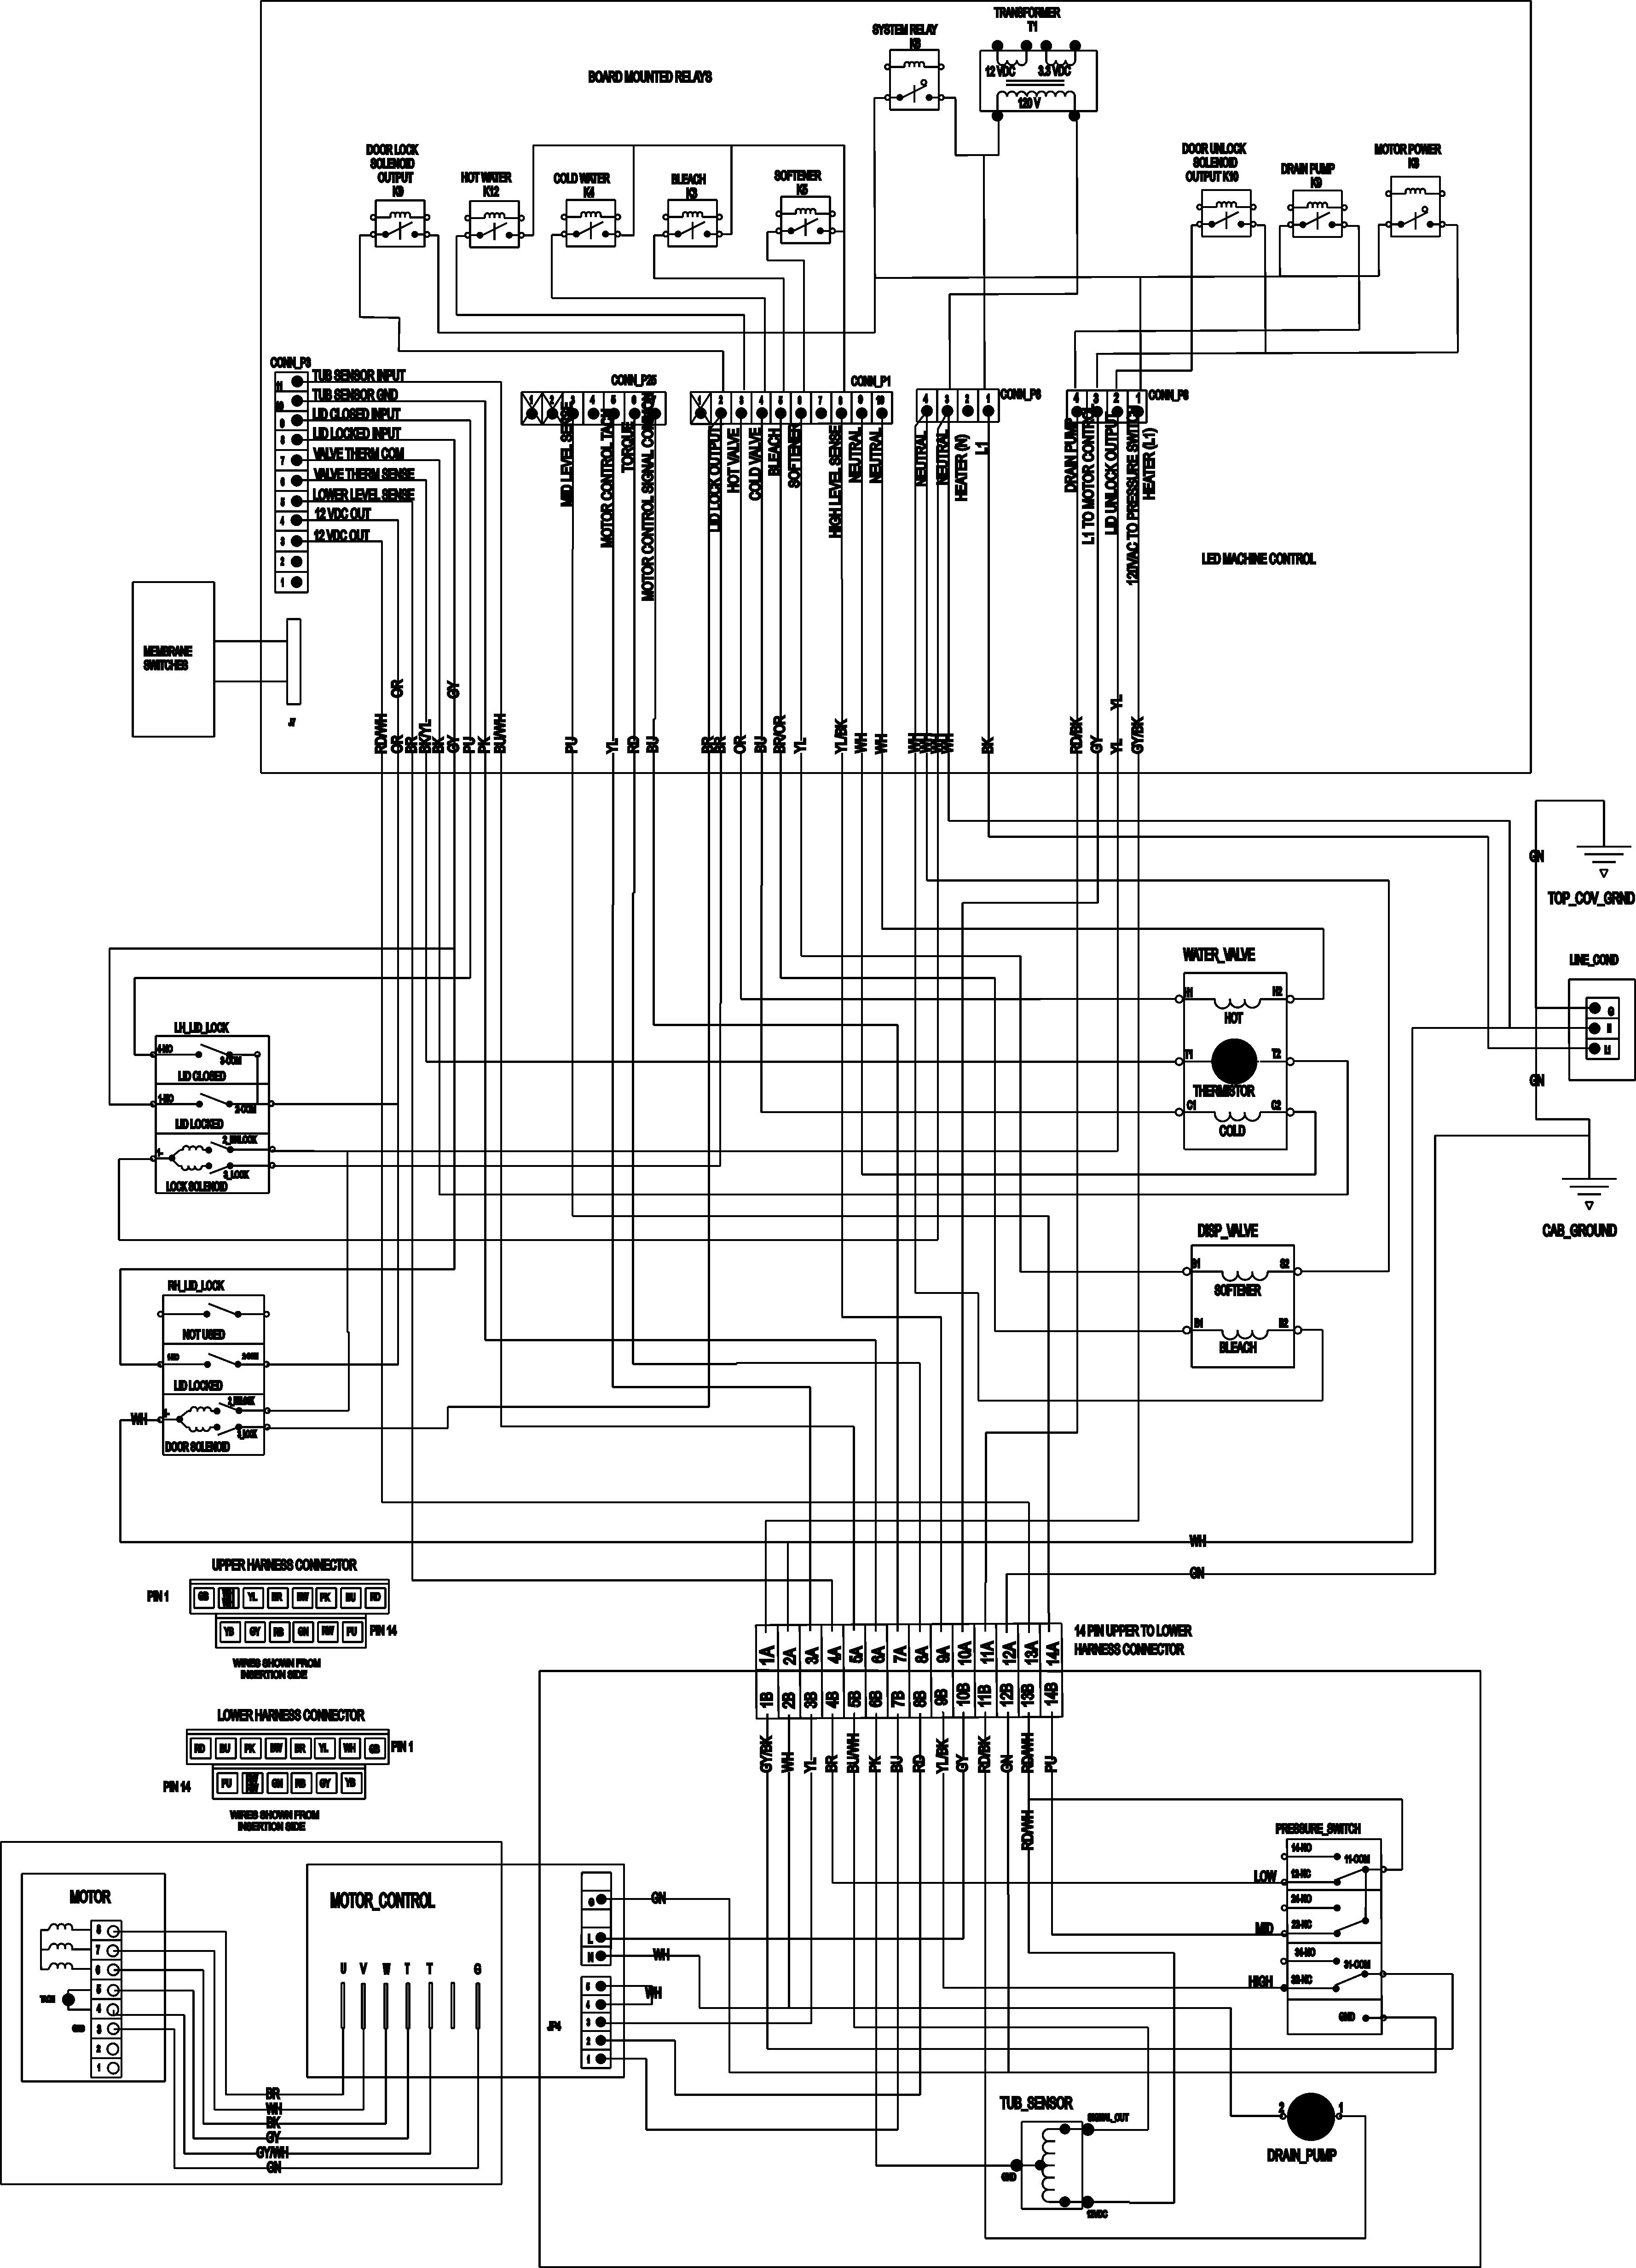 wiring schematic for maytag dryer